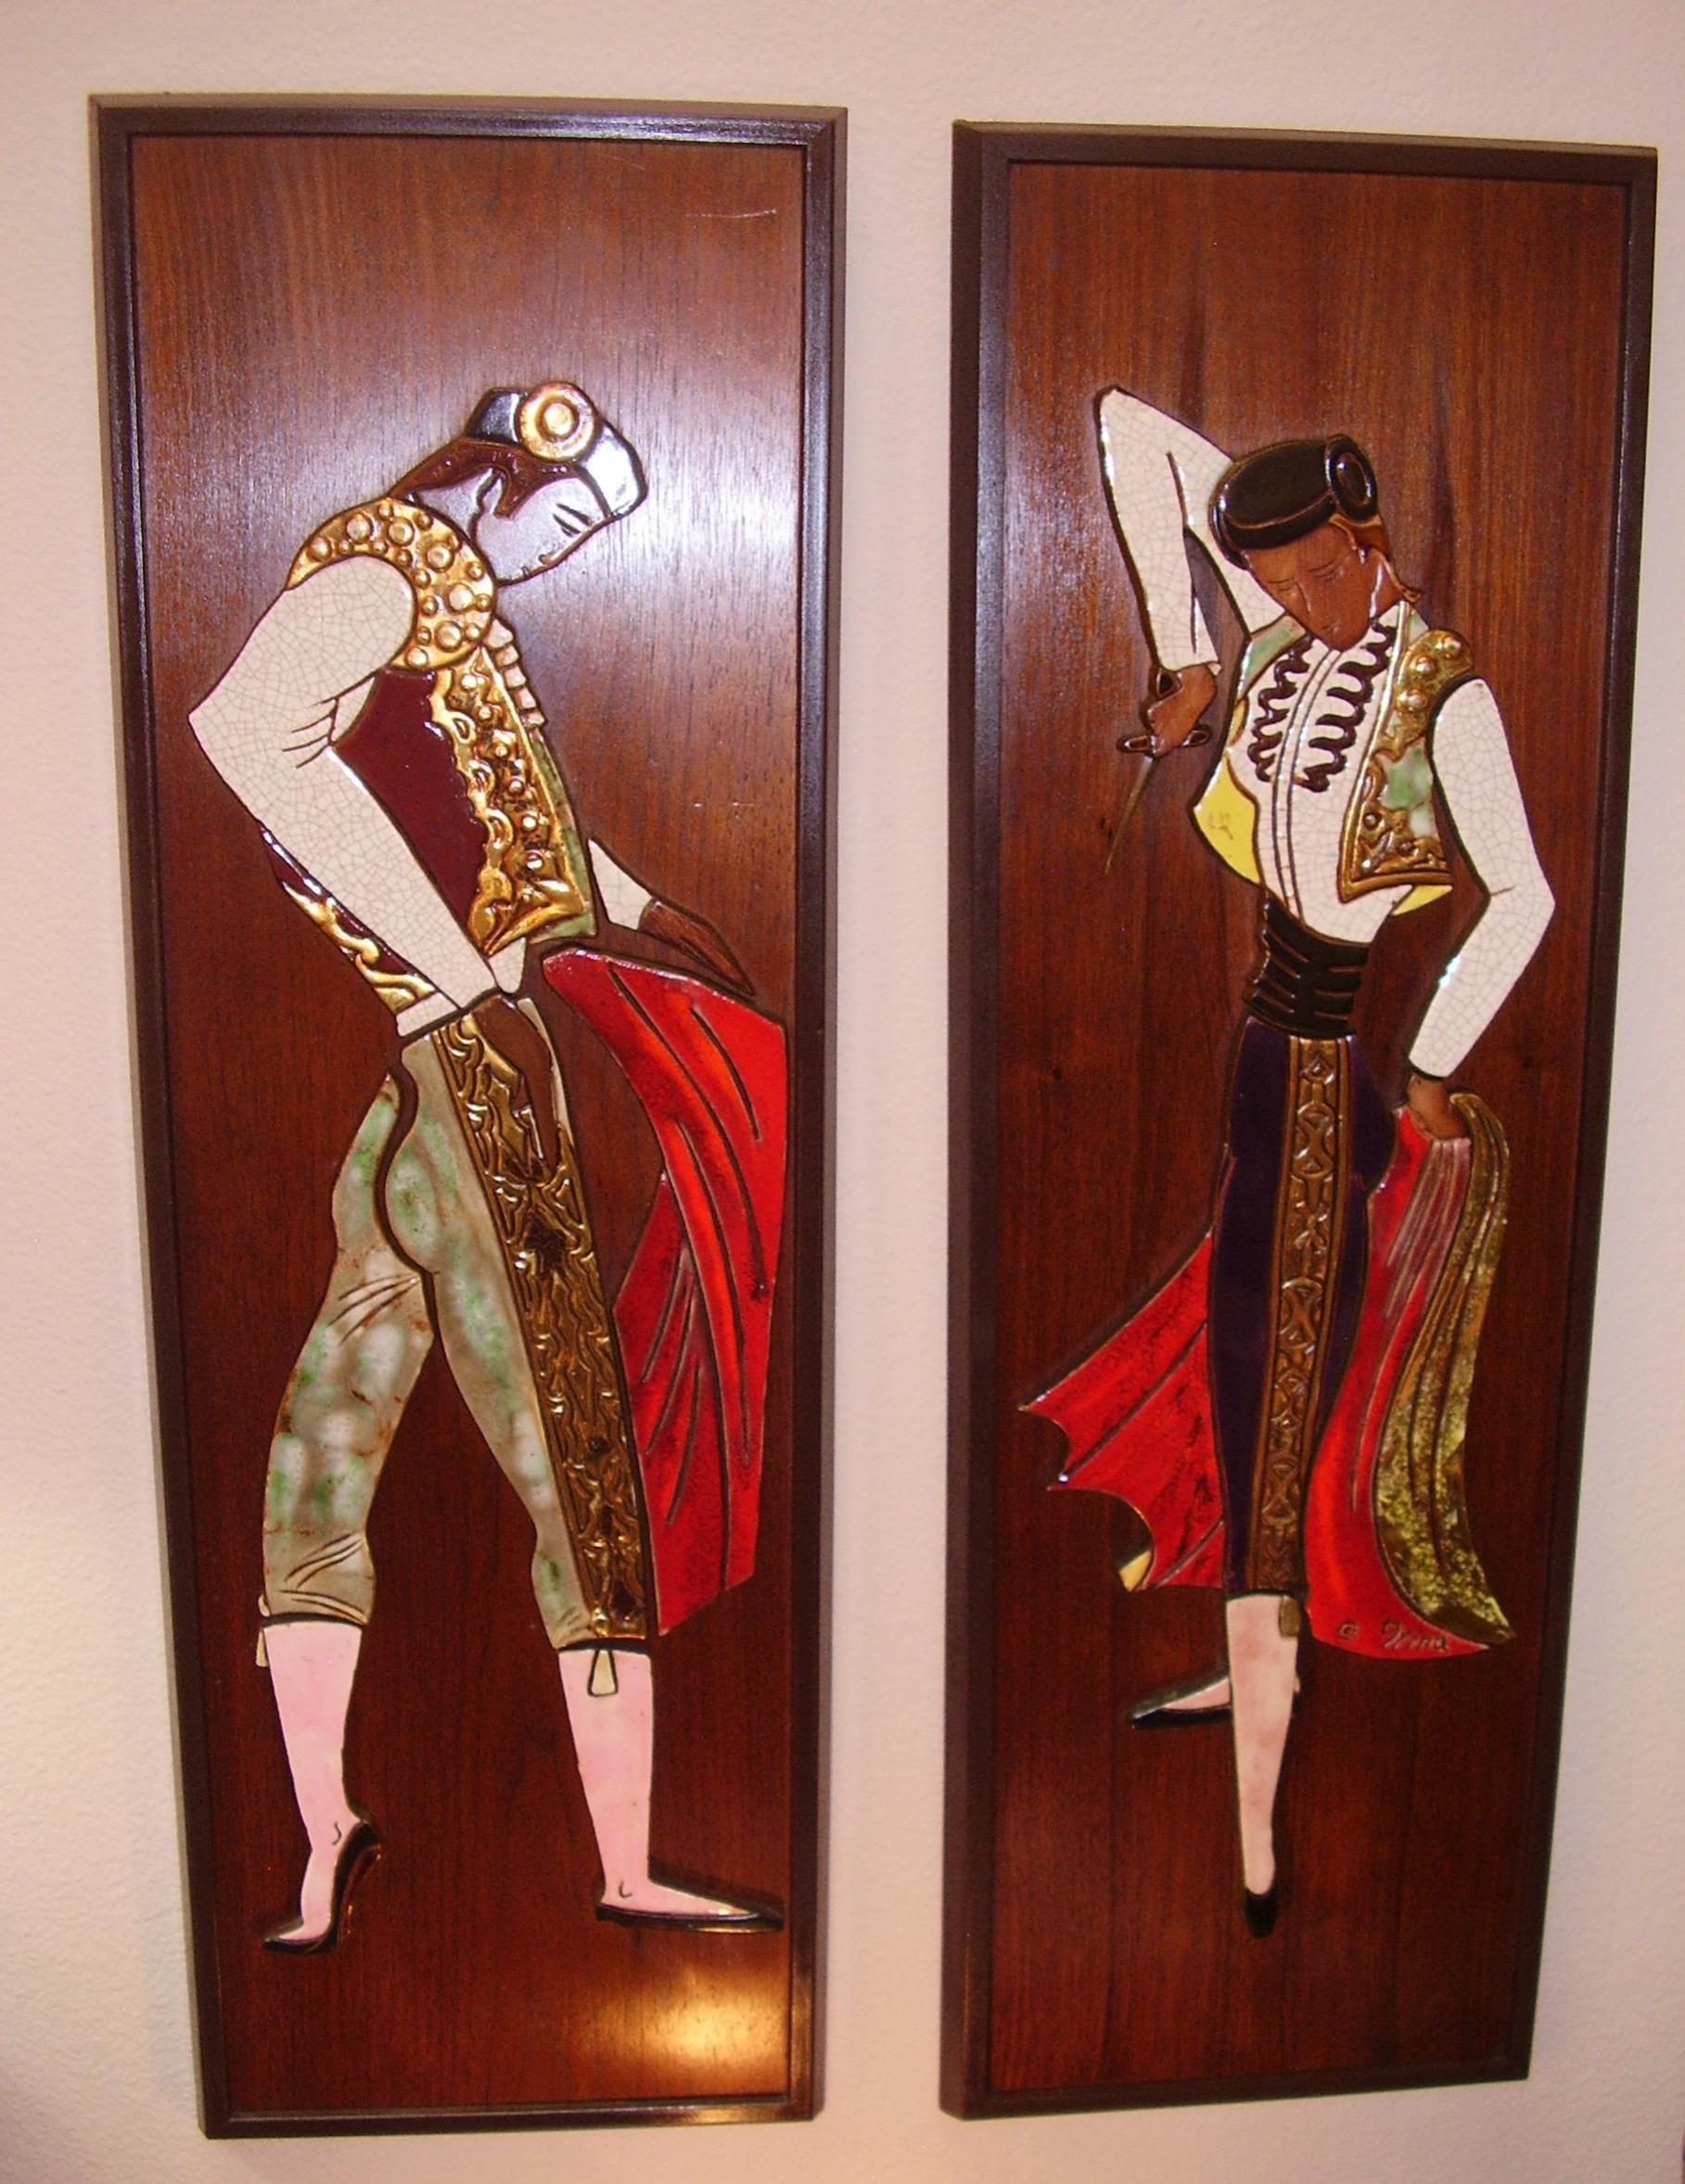 Framed Bullfighters Mid Century Modern